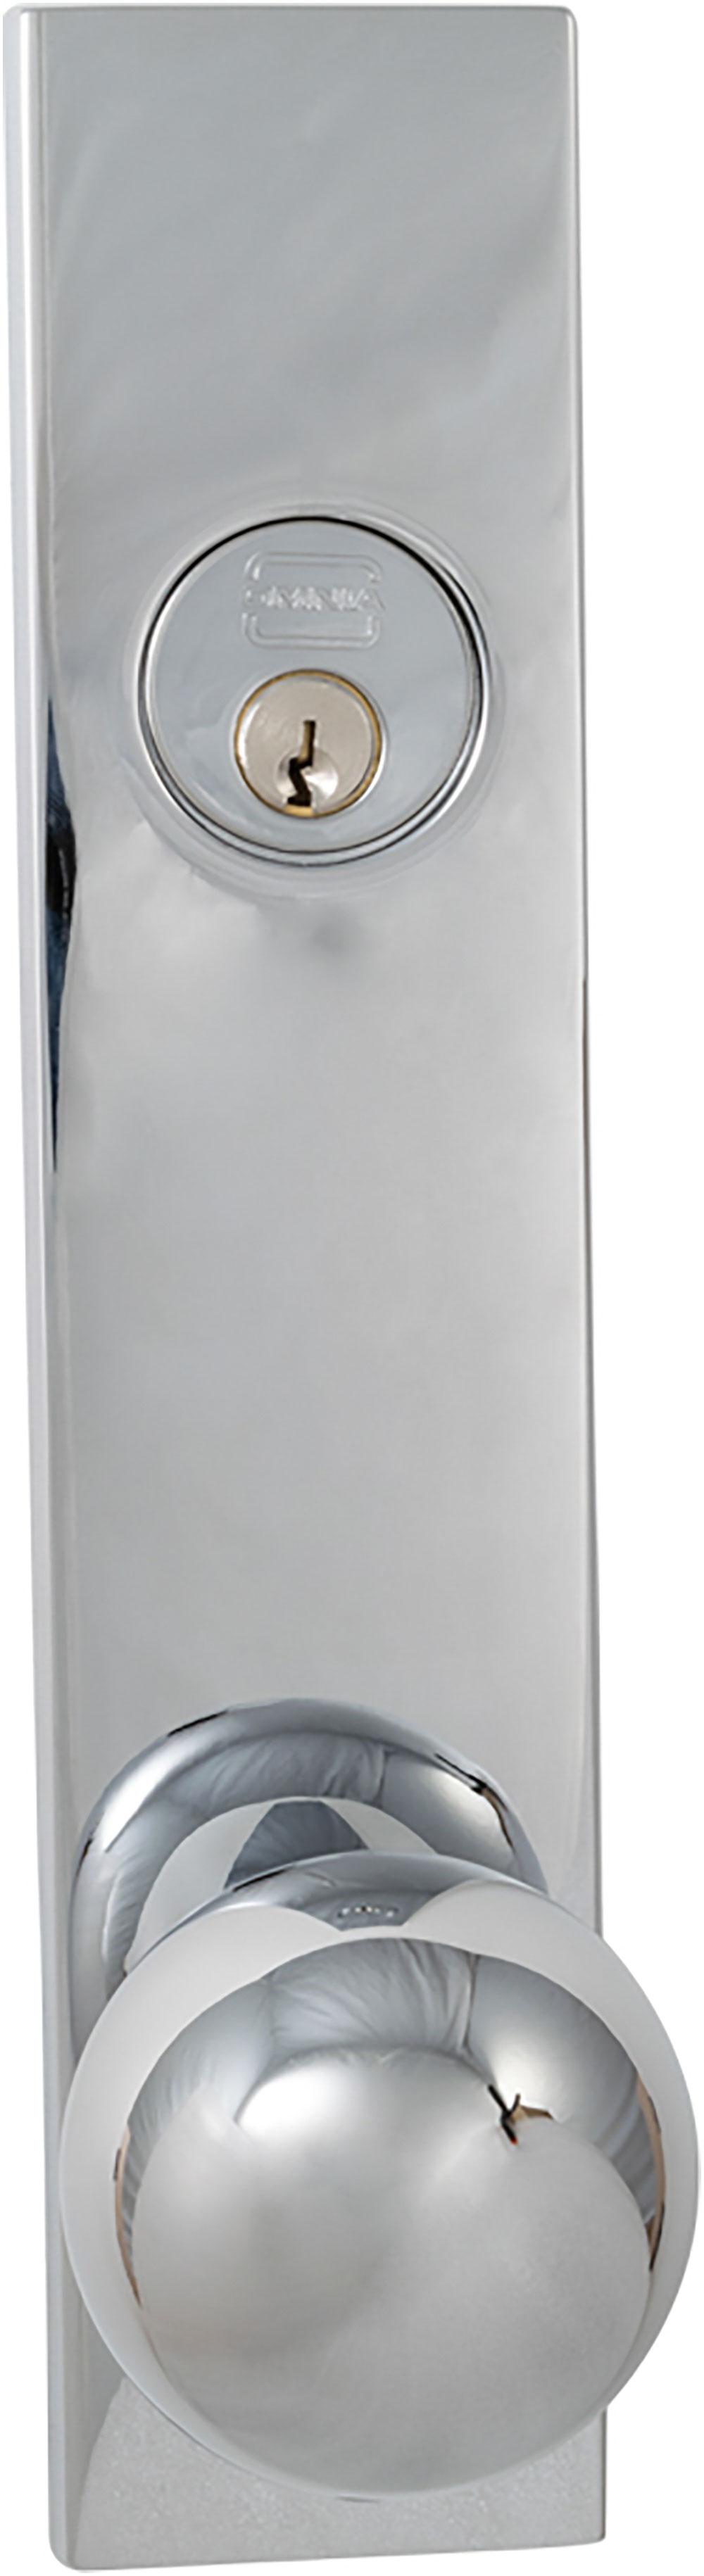 Item No.D12198 (US26 Polished Chrome Plated)